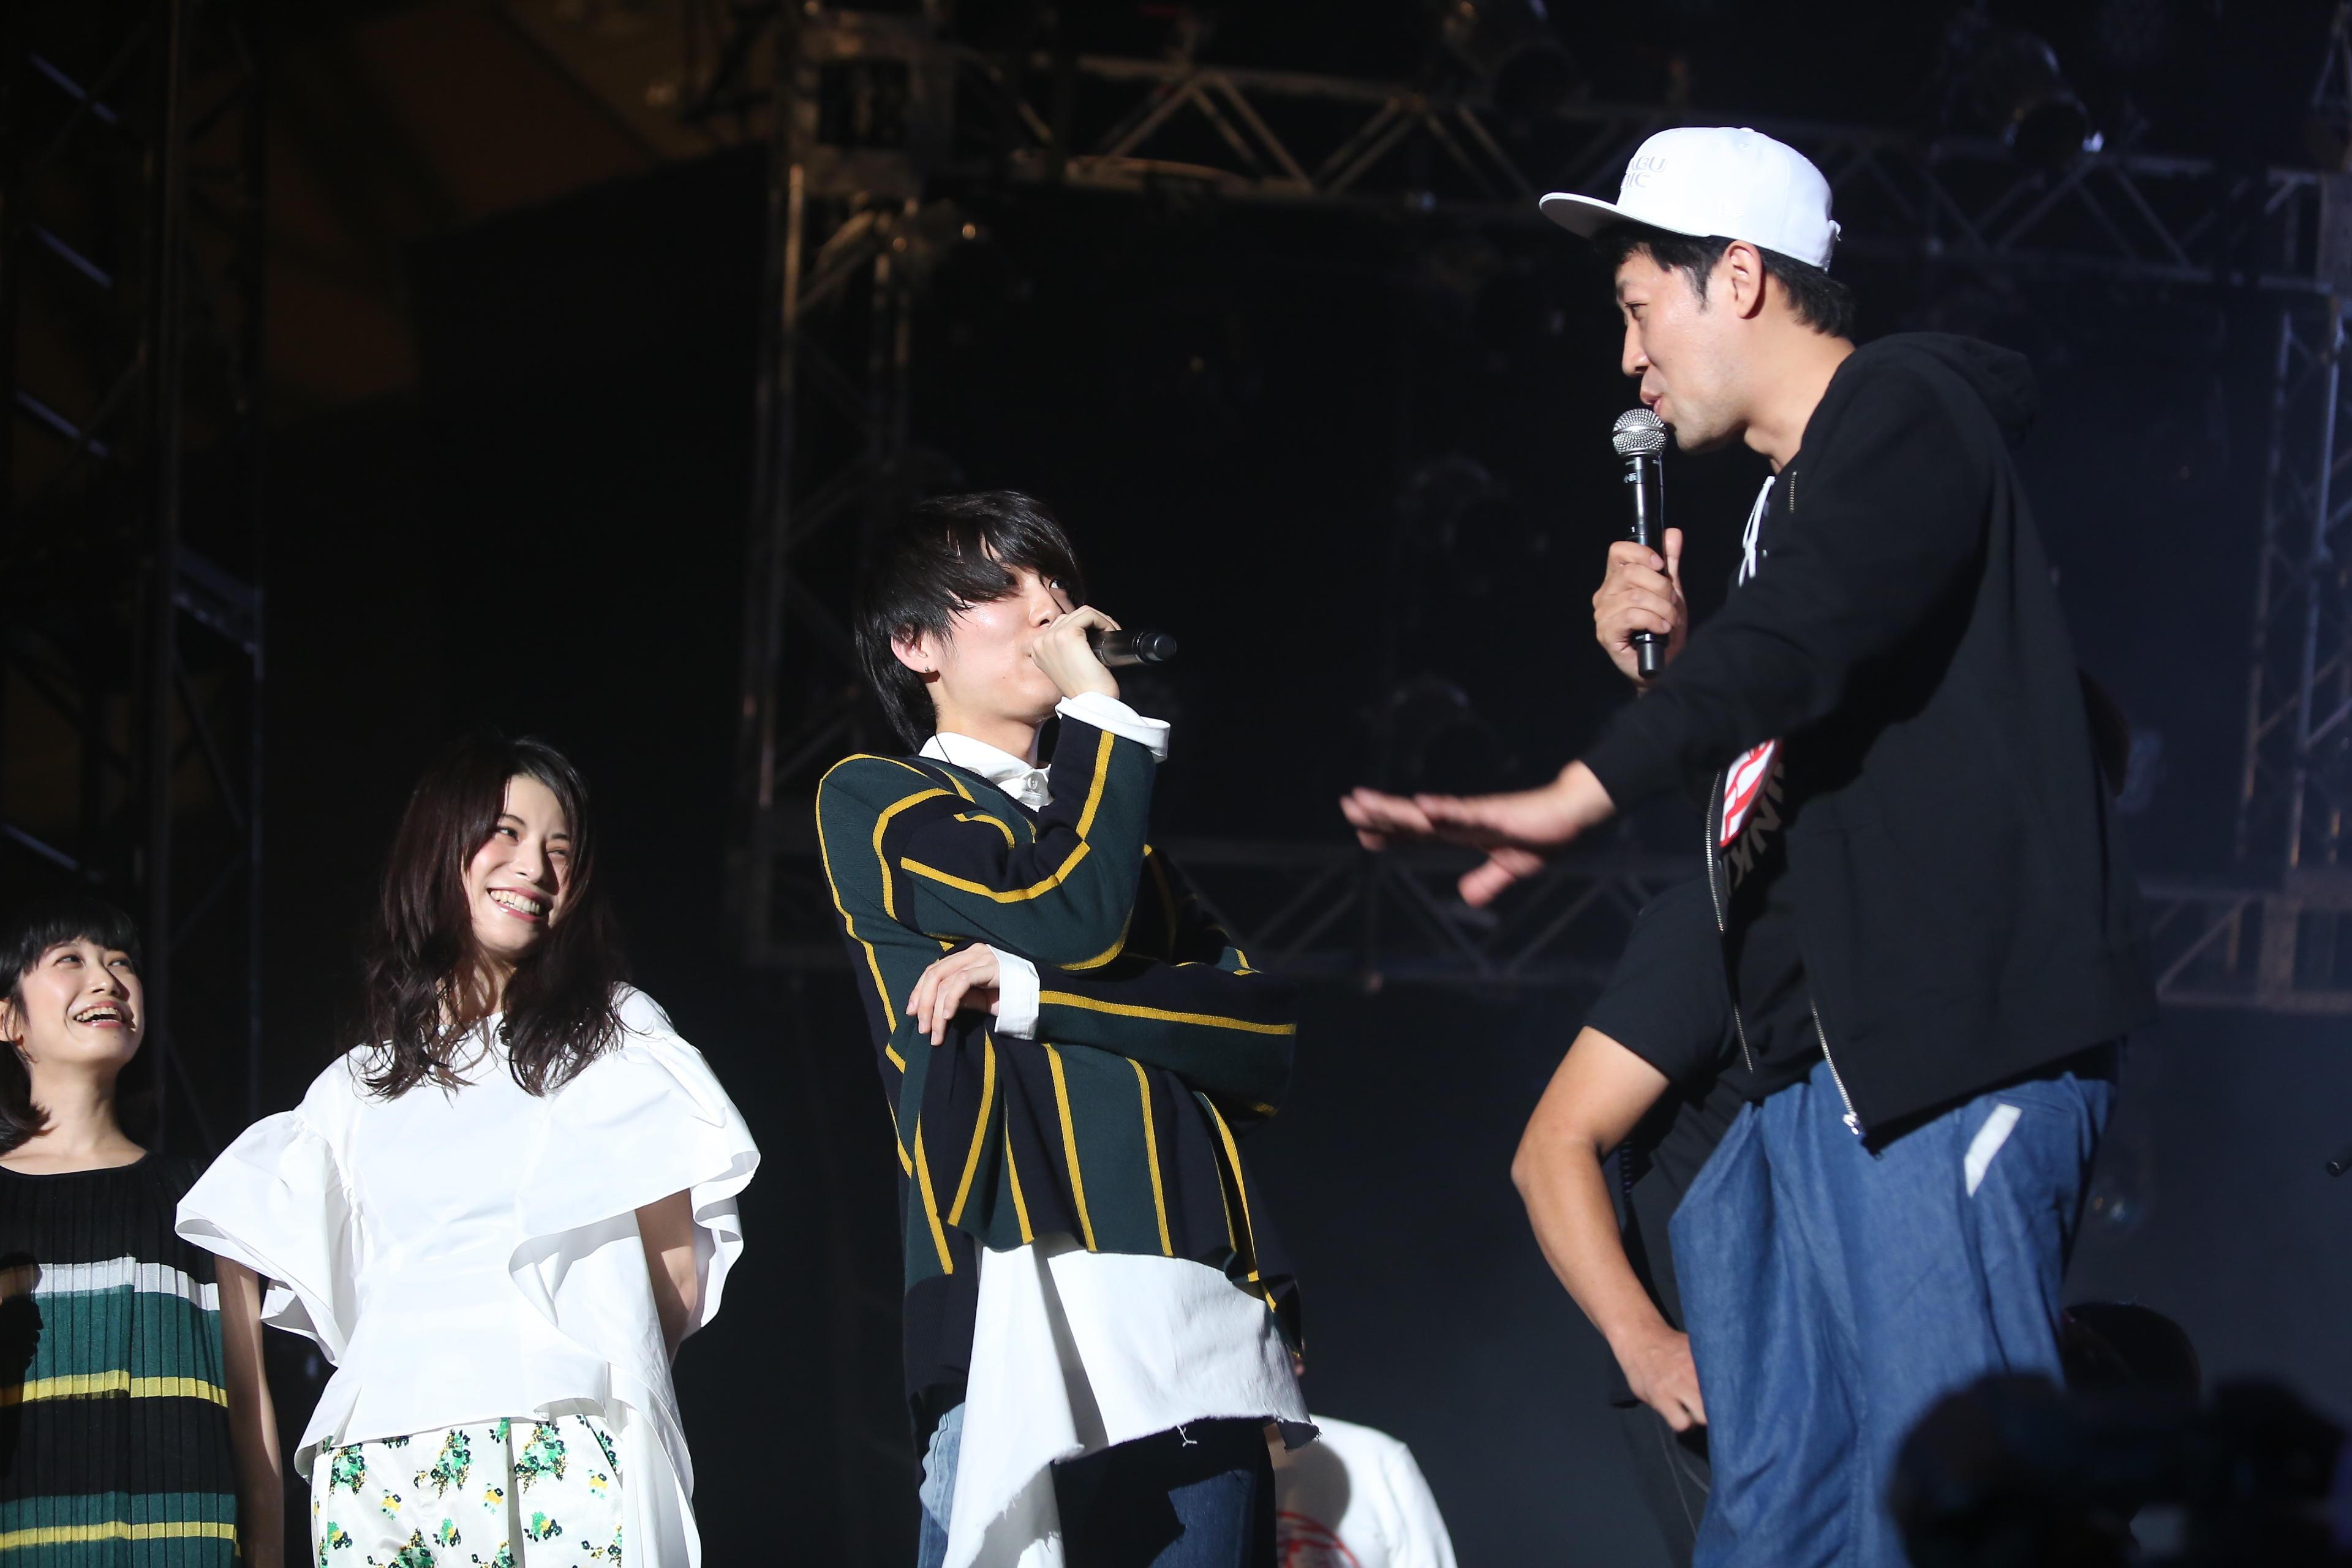 http://news.yoshimoto.co.jp/20171106133813-6de81f894a201e92ee5d6b2dd57ce5b482835111.jpg